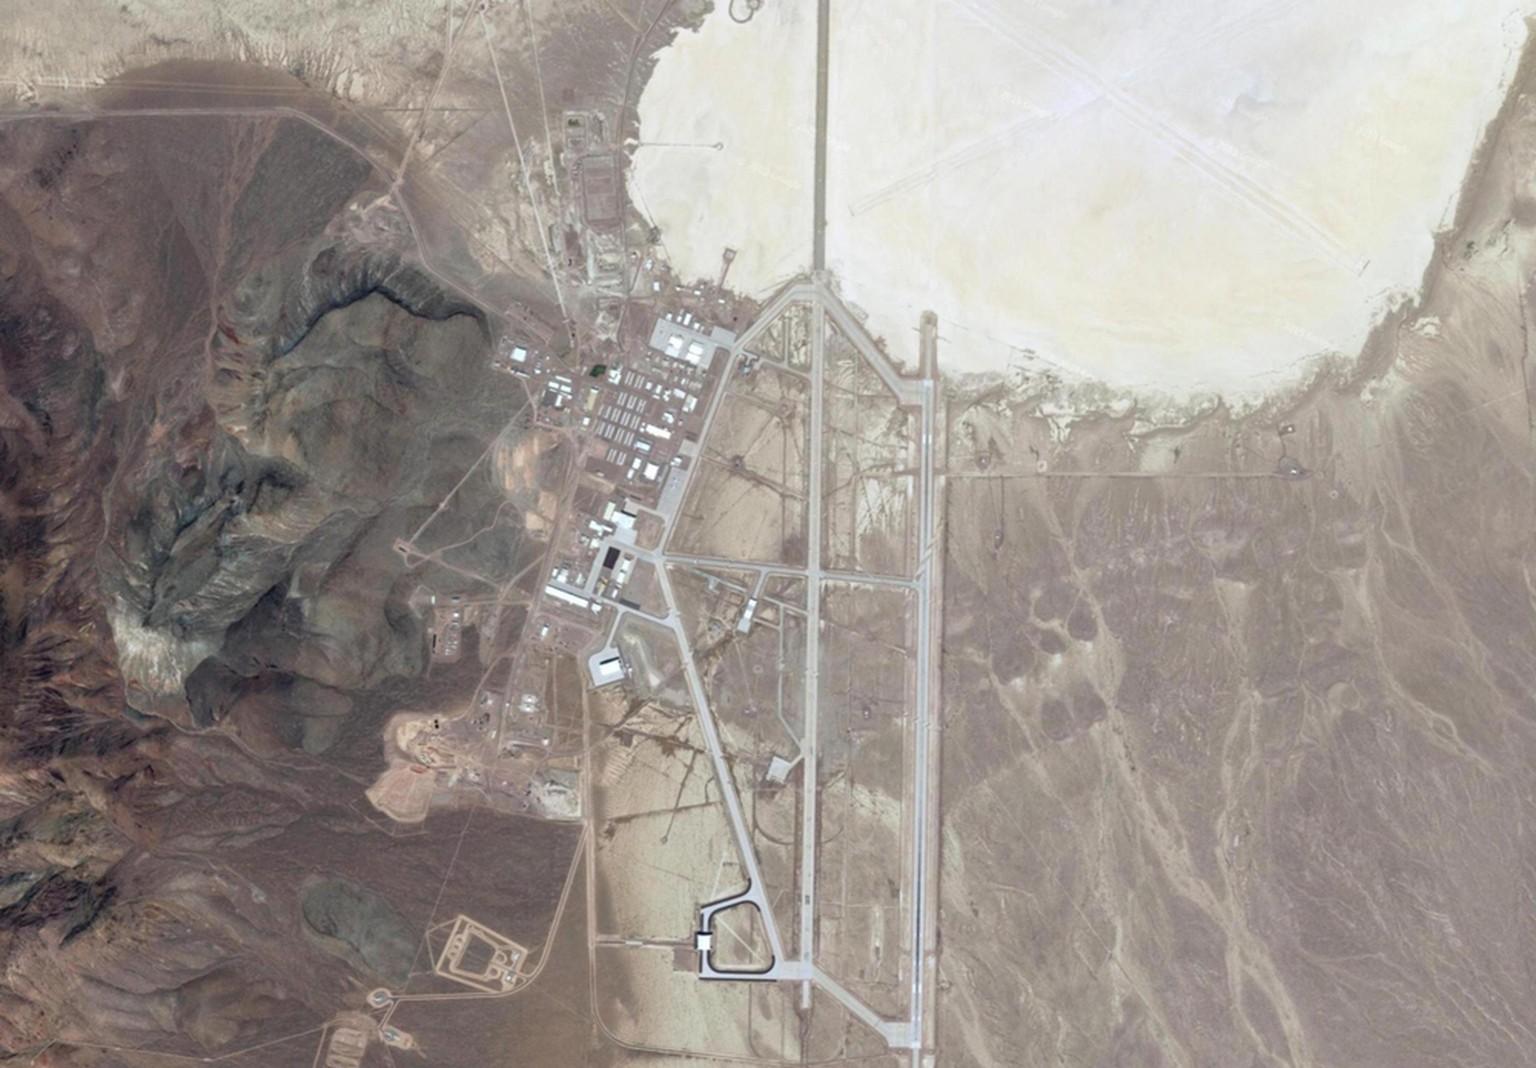 Vor Dem Sturm Auf Area 51 10 Fakten Zum Mysteriosen Sperrgebiet